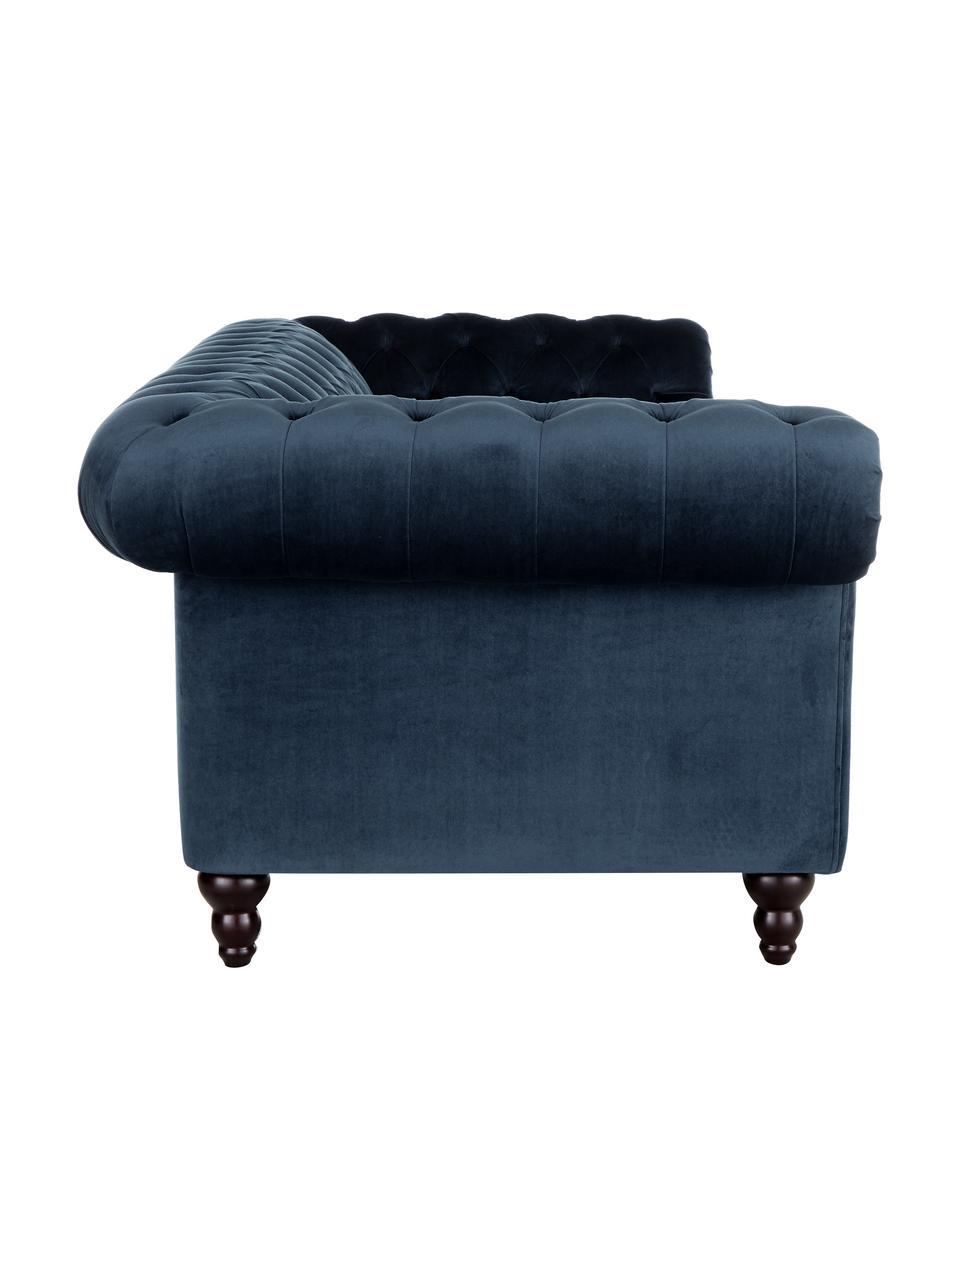 Sofa Chesterfield z aksamitu Gladis (3-osobowa), Tapicerka: 100%poliester, Nogi: drewno dębowe, lakierowan, Aksamitny ciemny niebieski, S 230 x W 74 cm